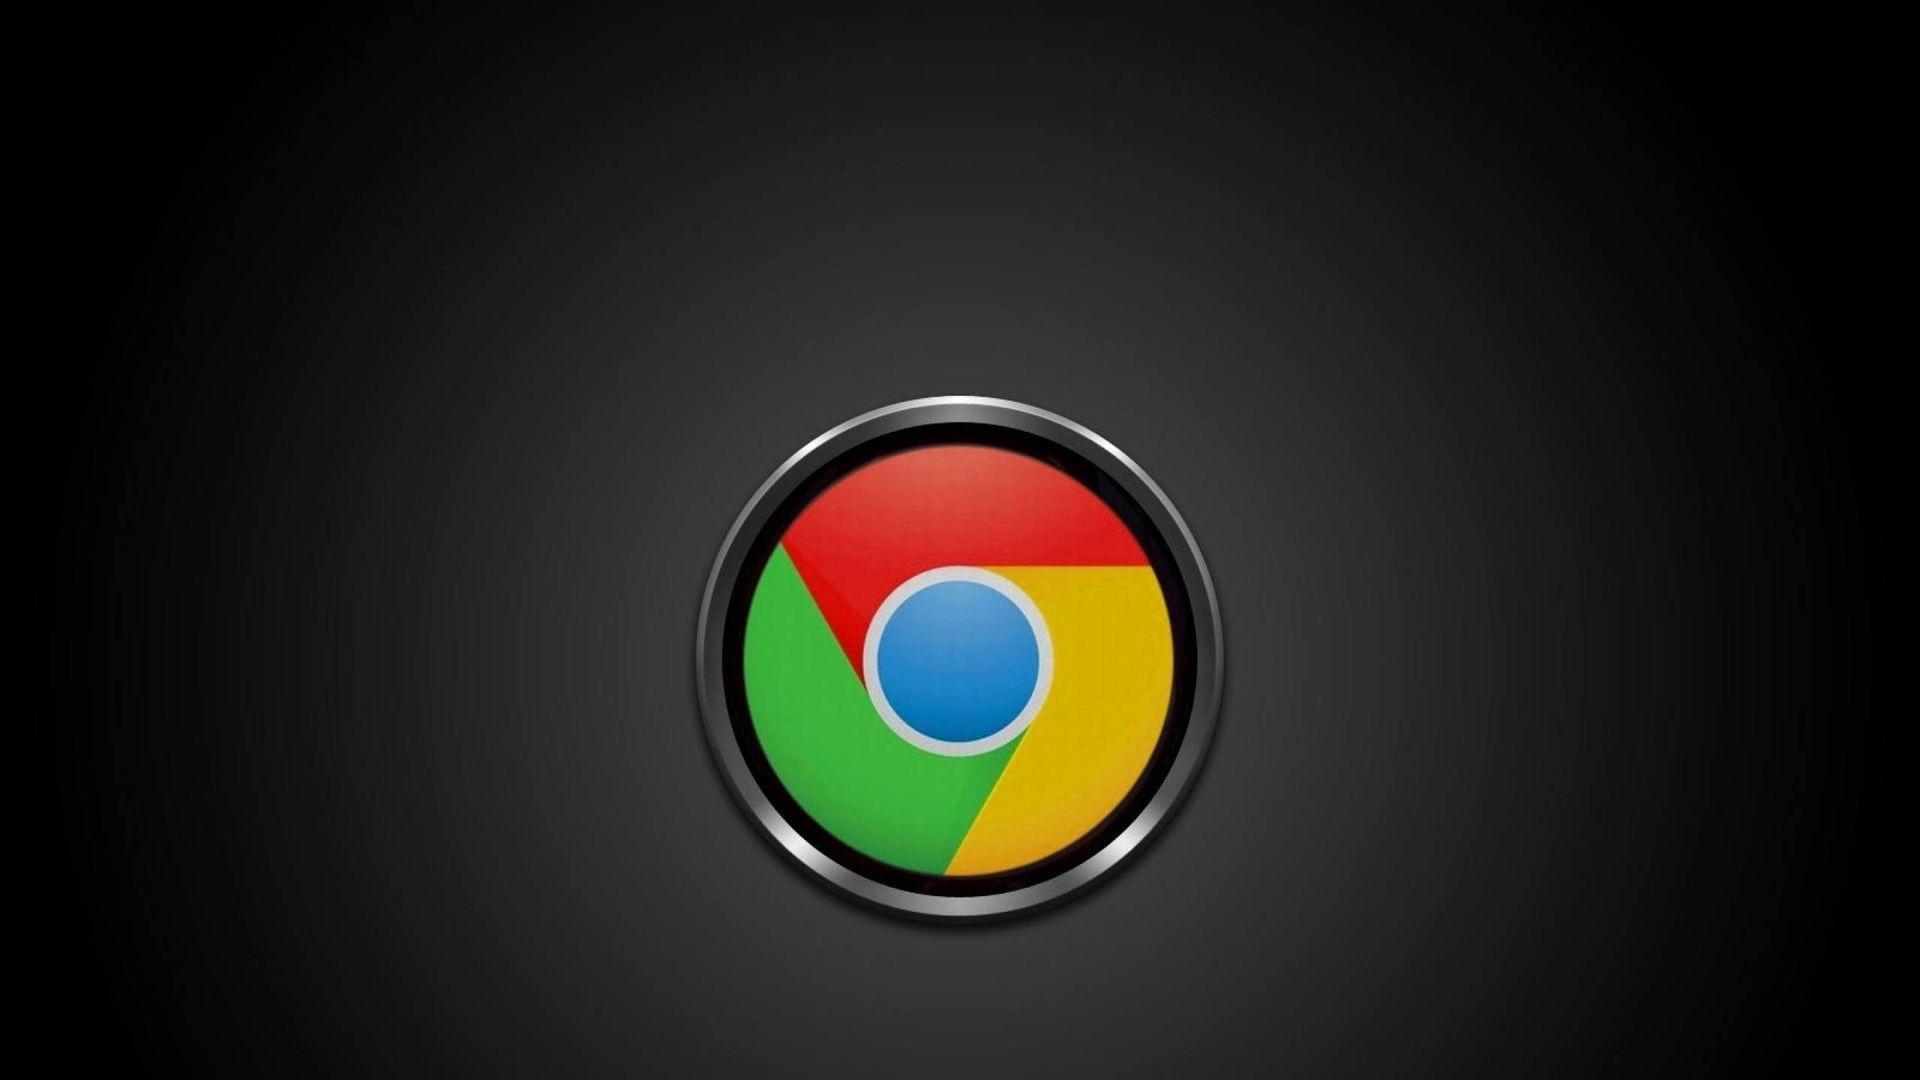 Chrome Logo Hd Wallpaper Logos